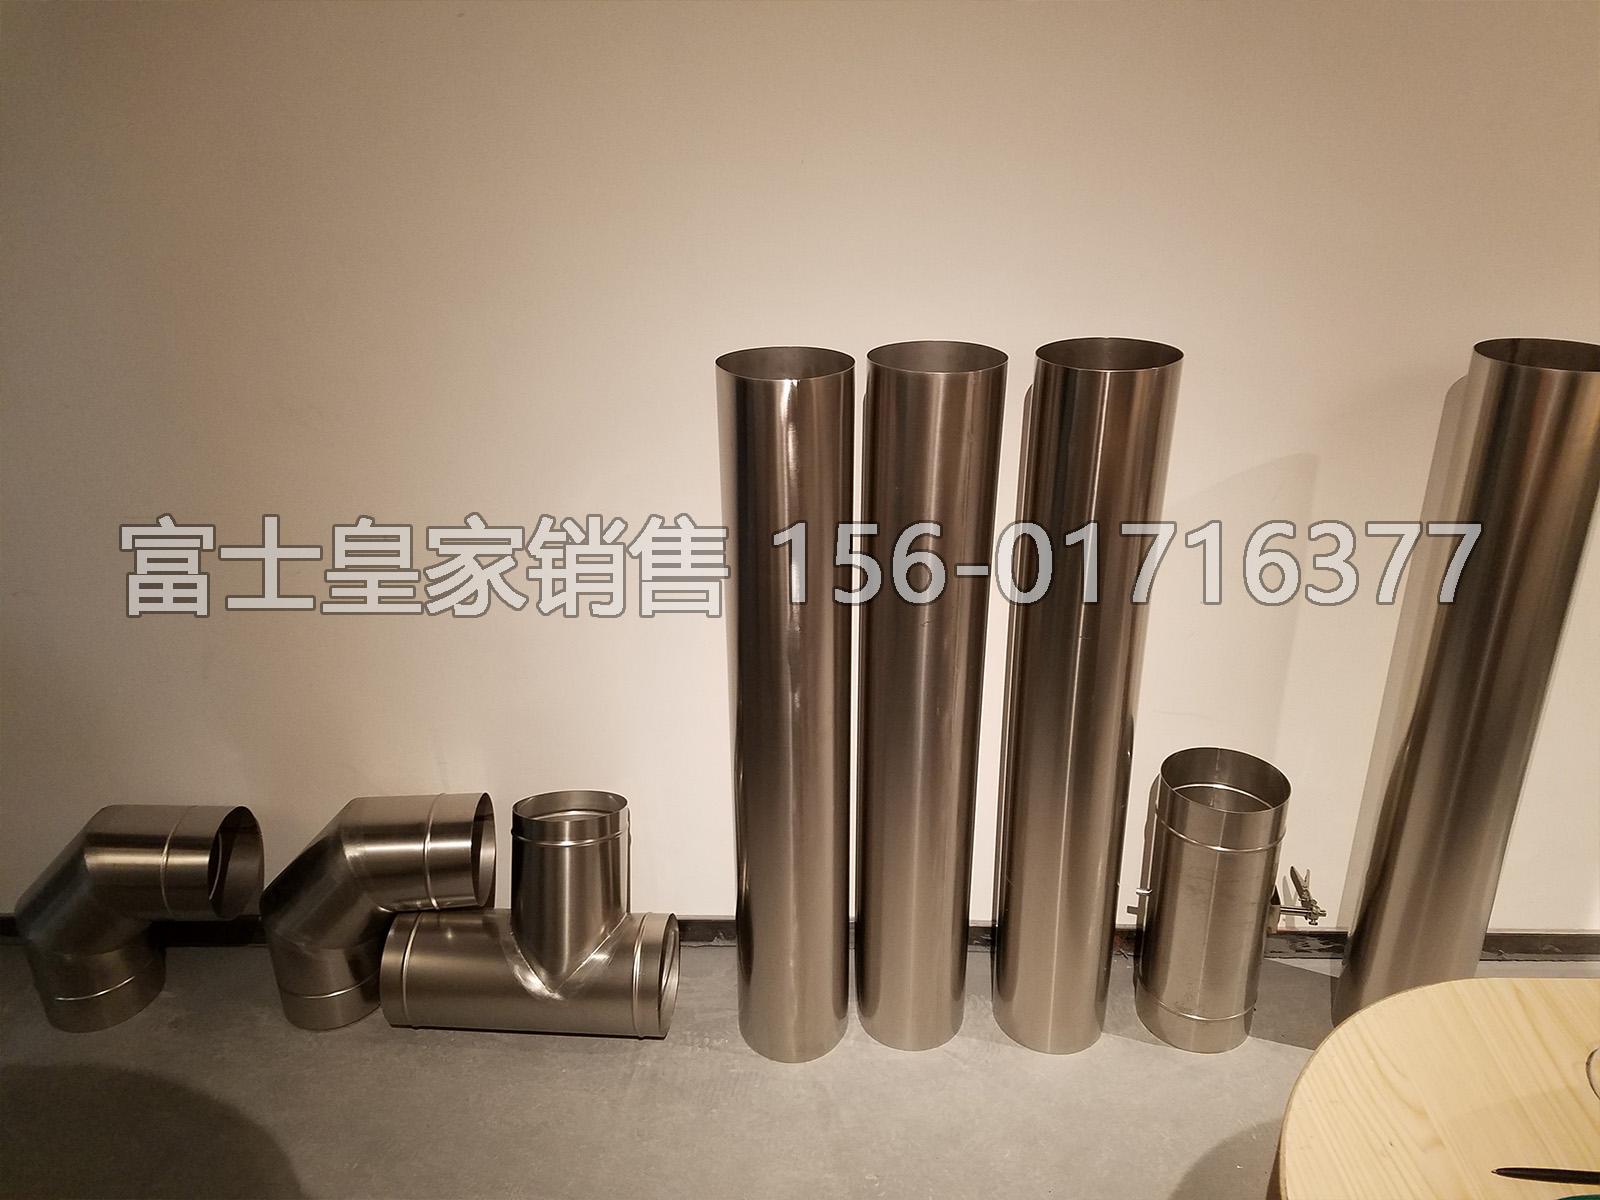 咖啡烘焙机的专用排烟管已经到客户店了。